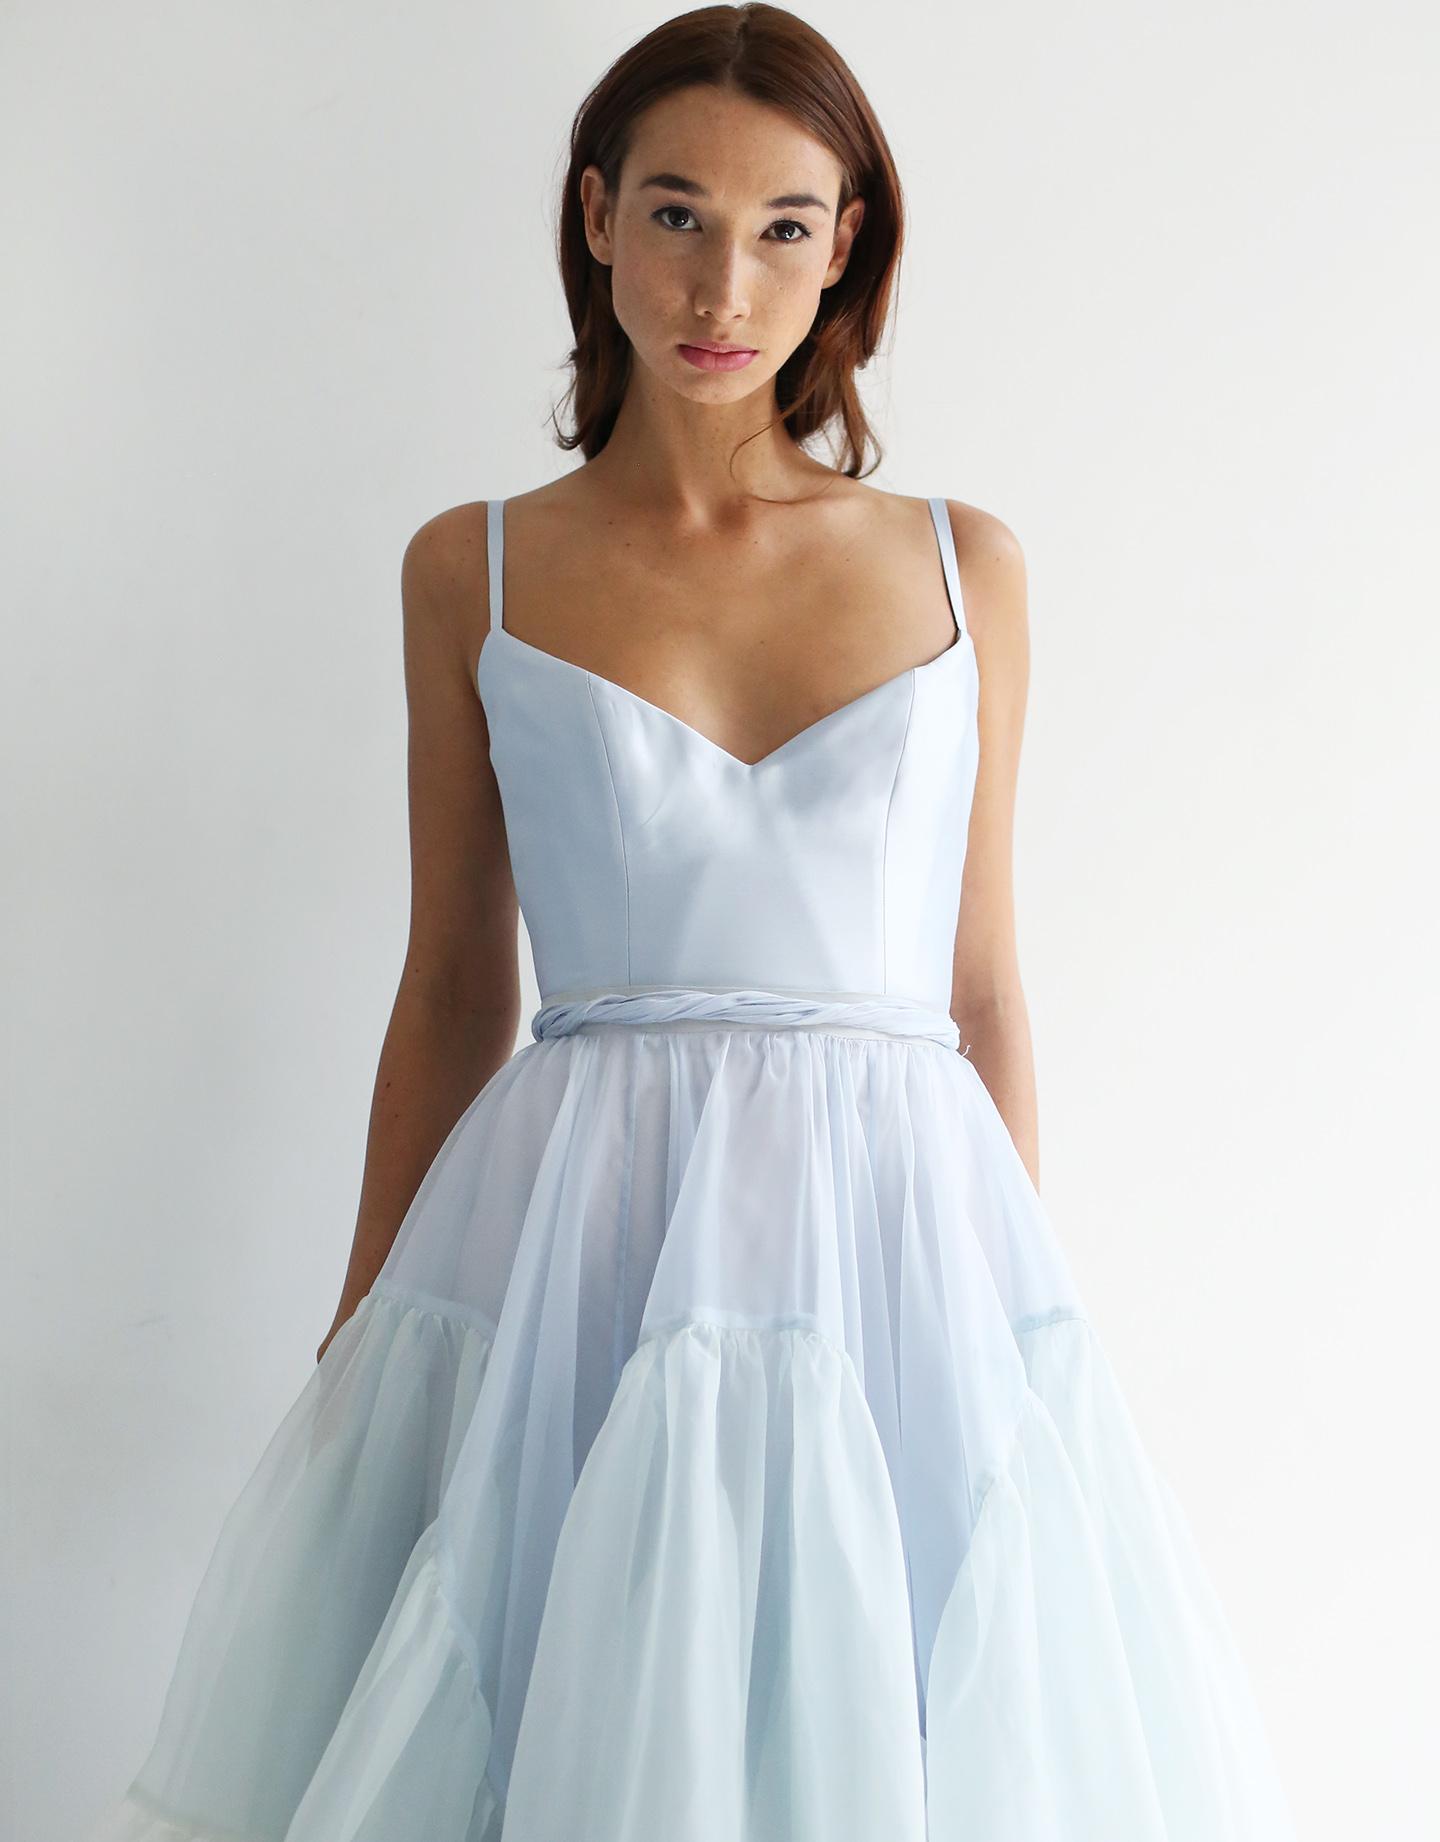 leanne-marshall-bridal-20.jpg